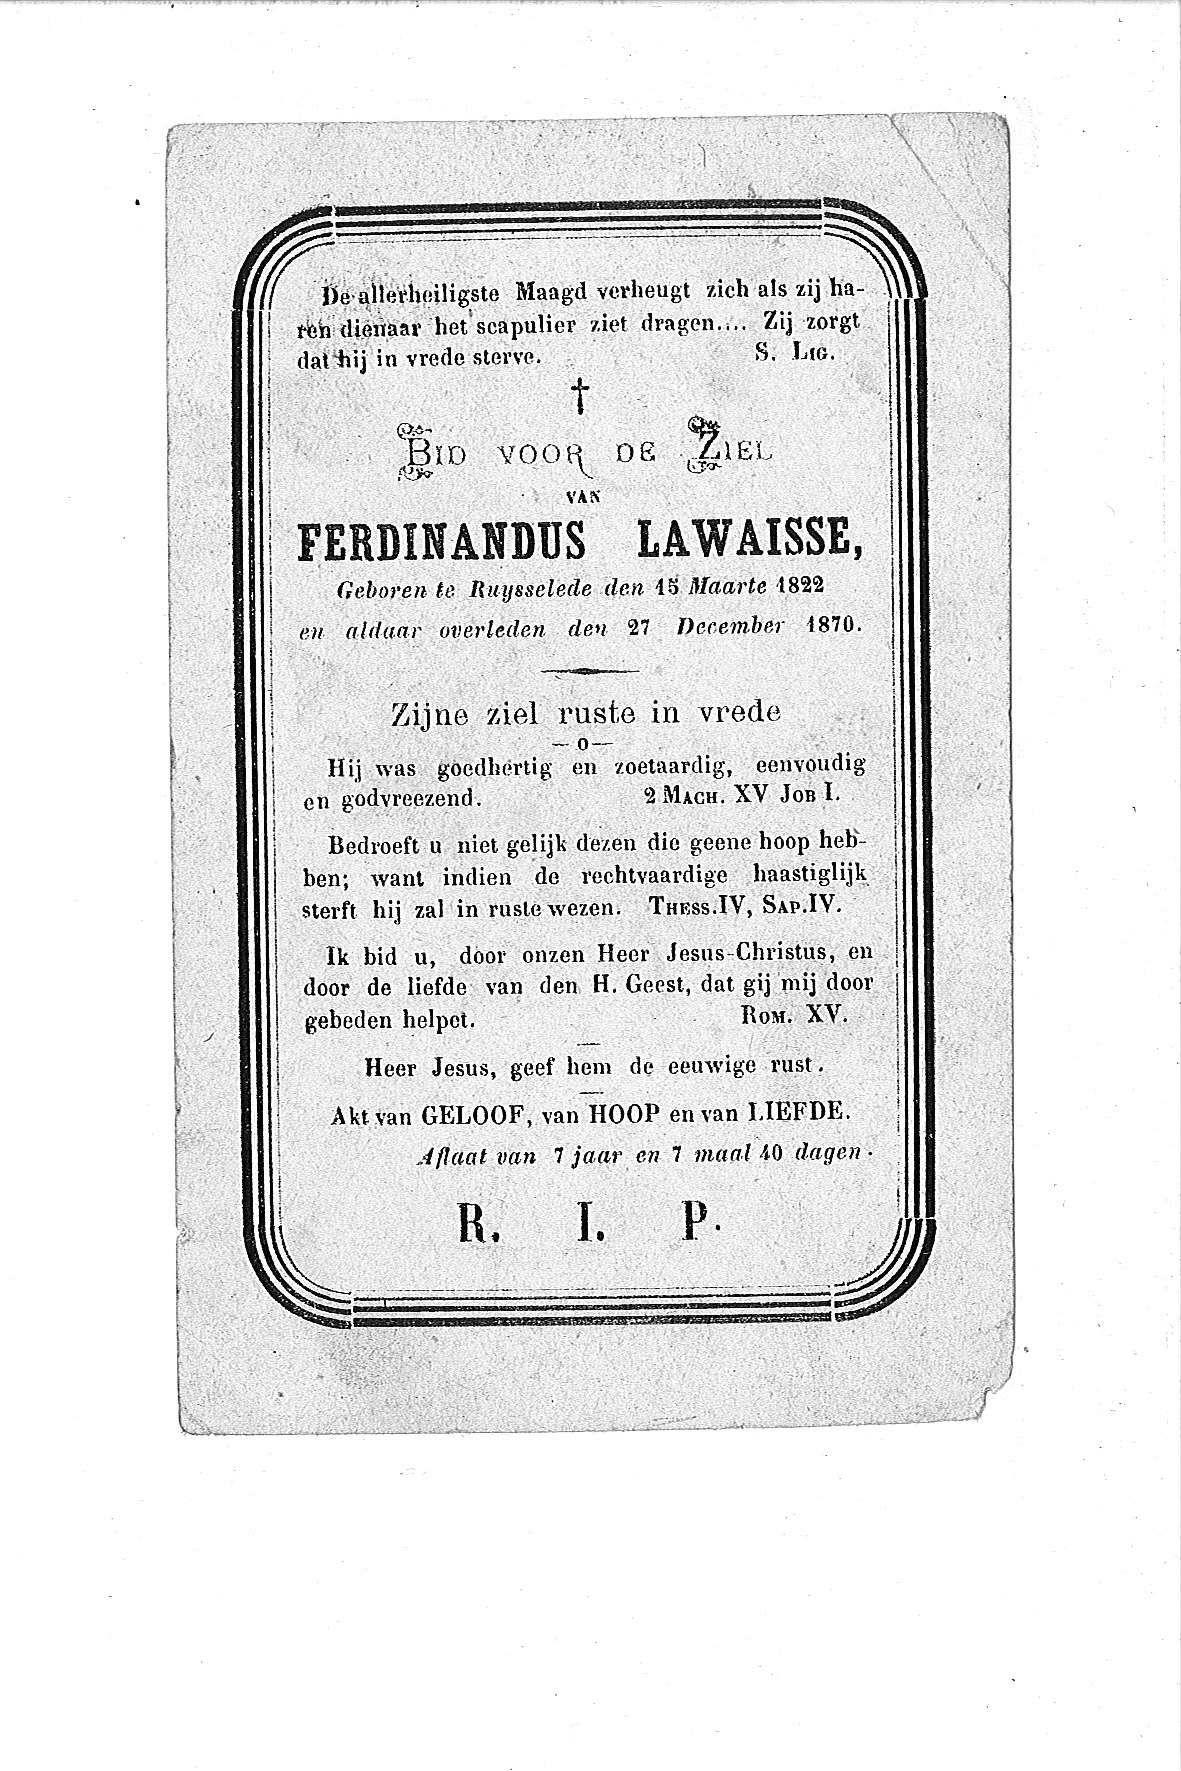 Ferdinandus(1870)20091216161125_00031.jpg